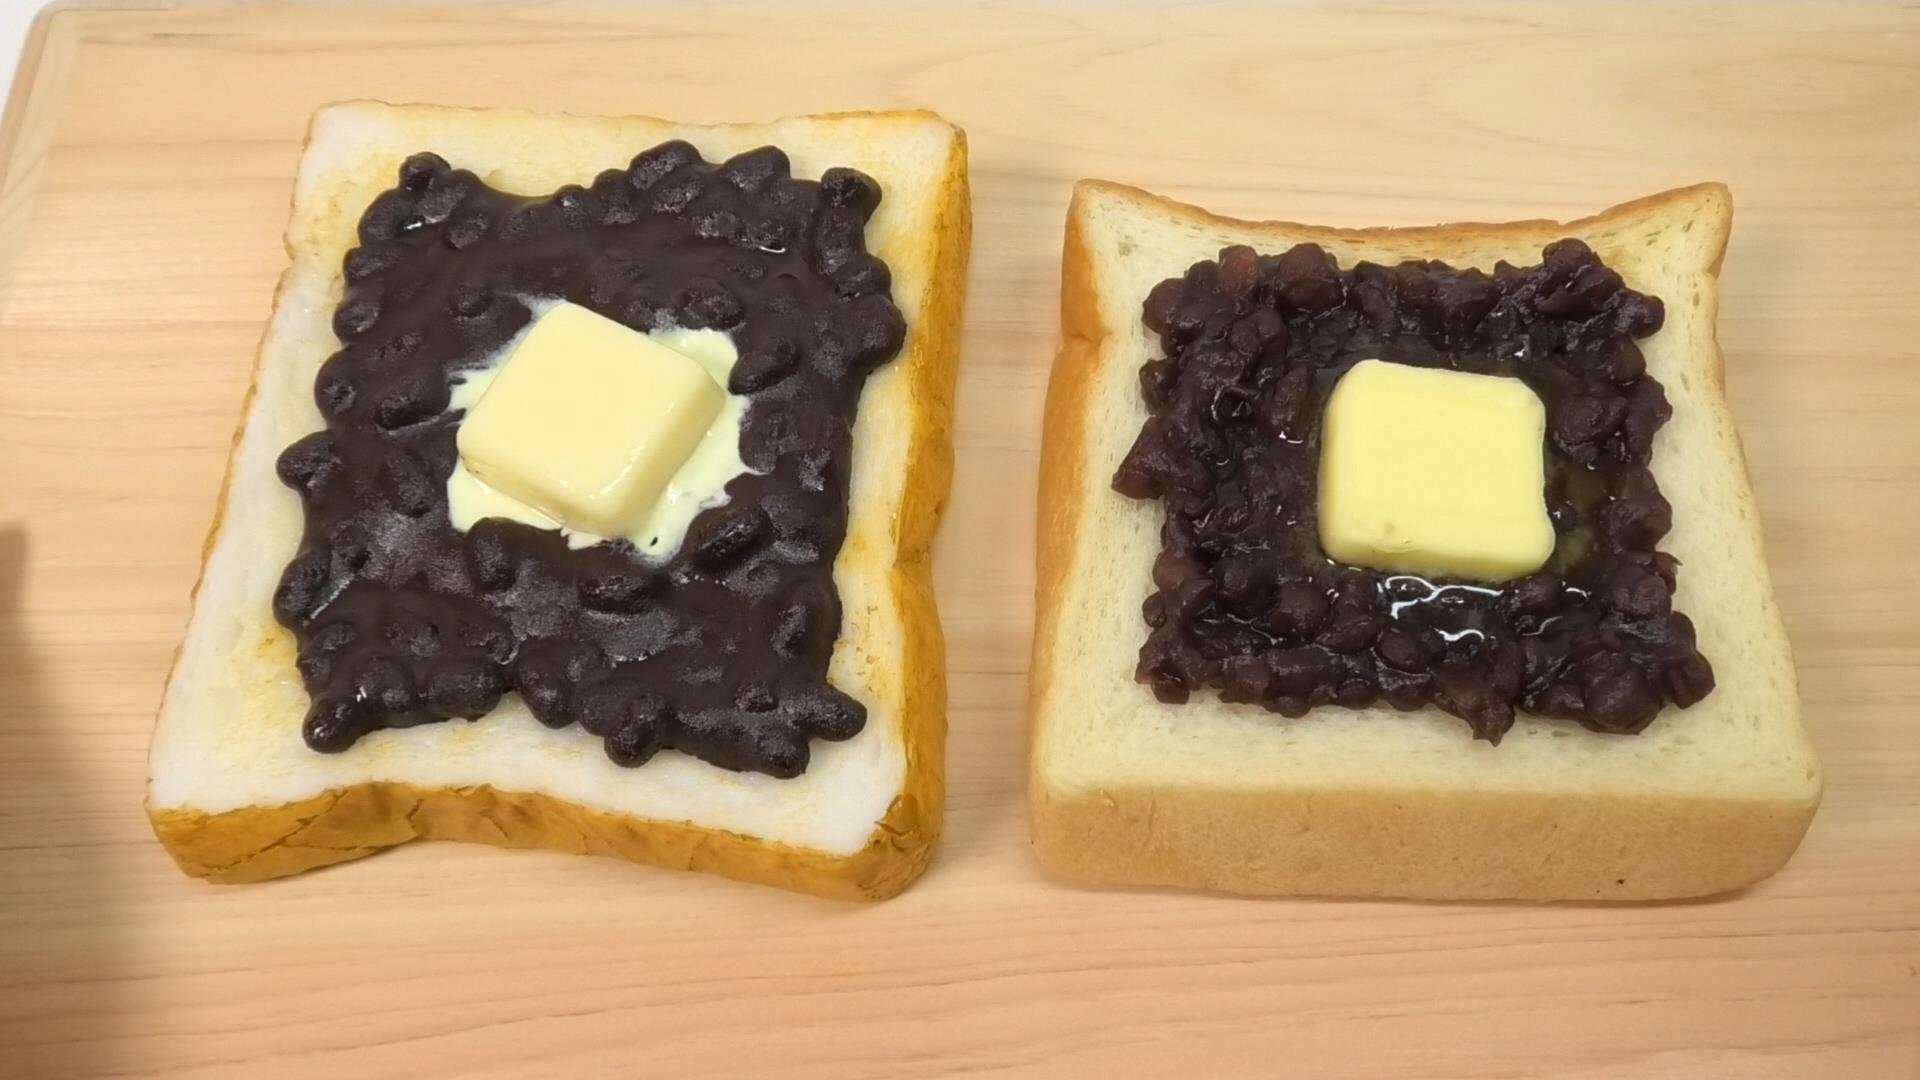 左が食品サンプル、右が本物